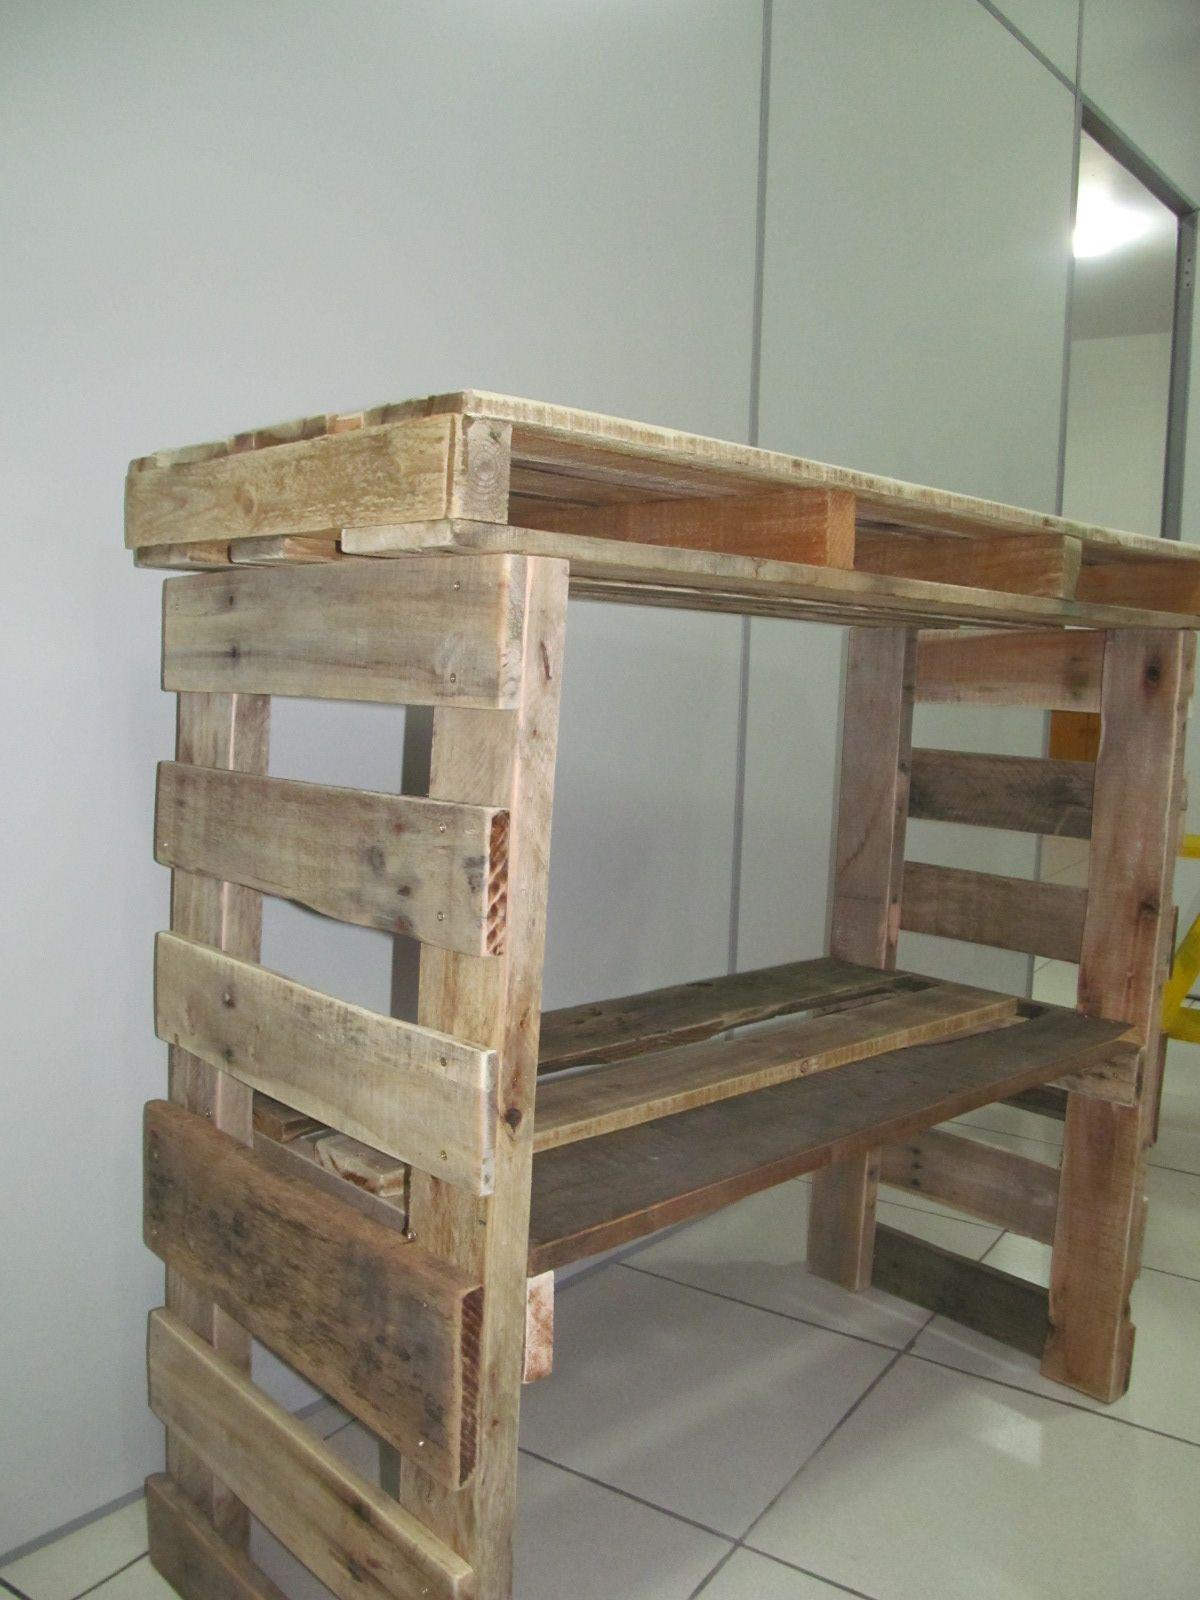 Armario Pax Ikea Puertas Correderas ~ Aparador rústico feito de madeira de pallet, sem